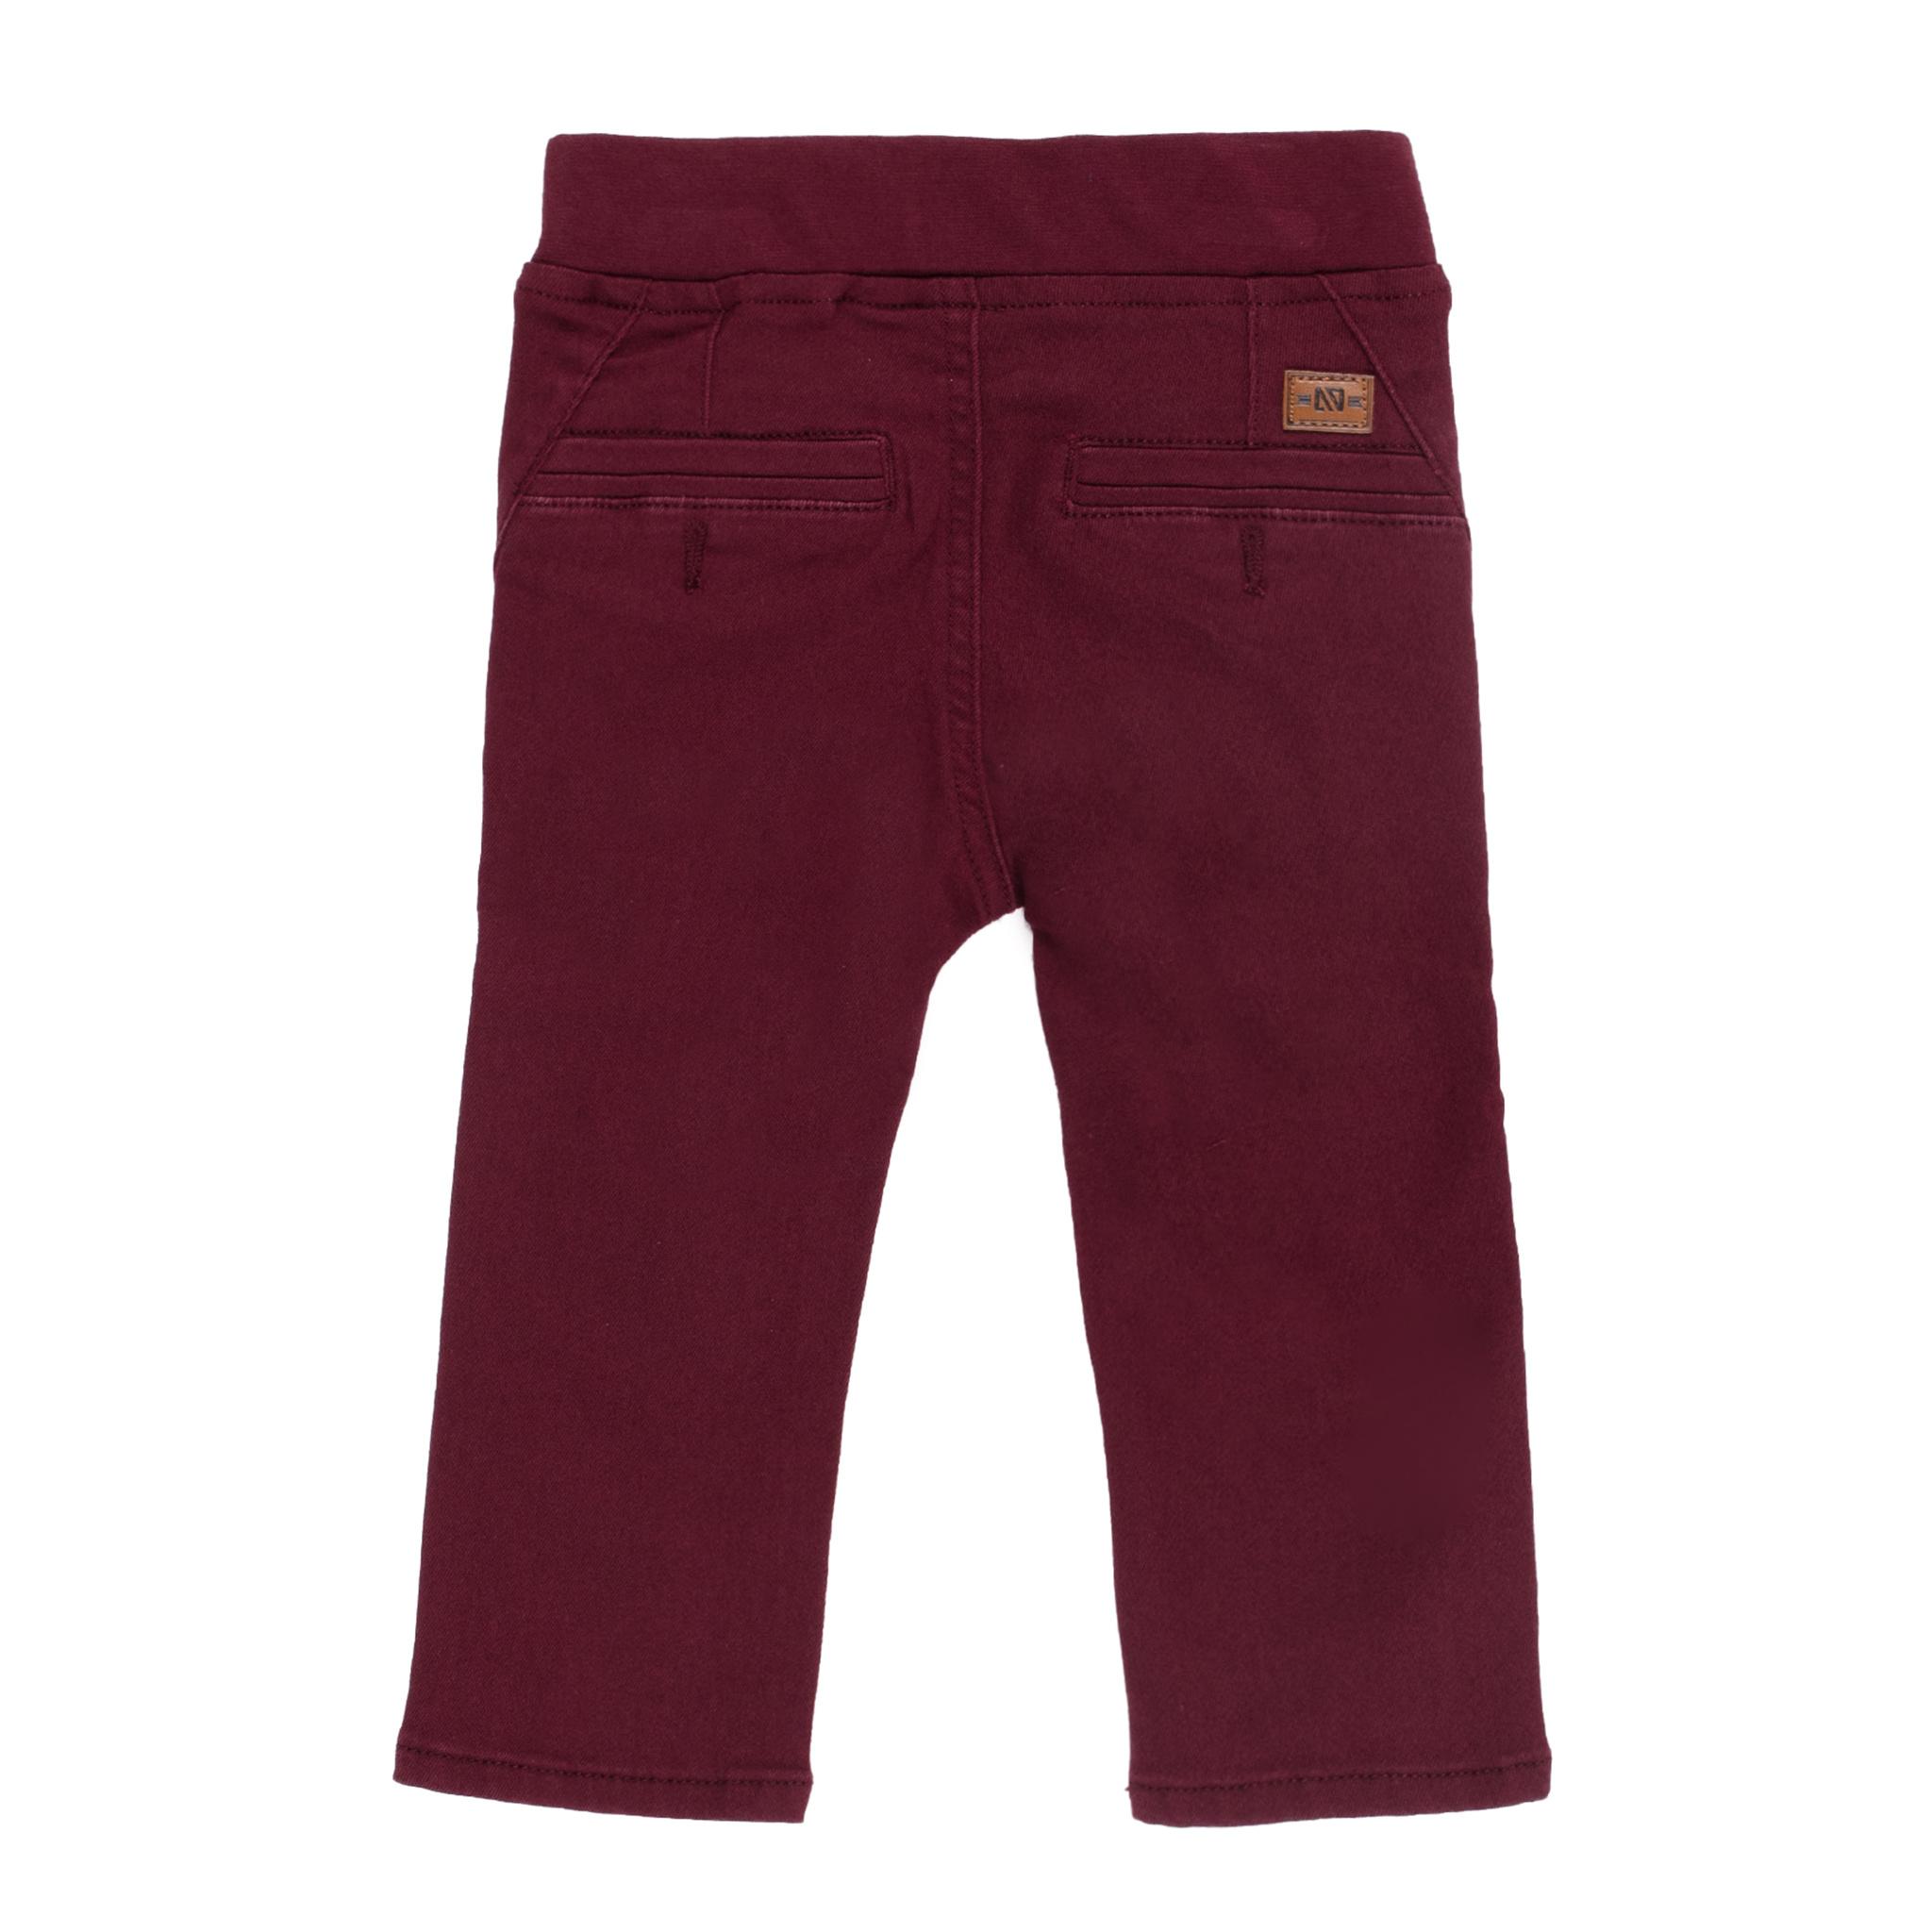 Pantalon extensible collection Pente École-2